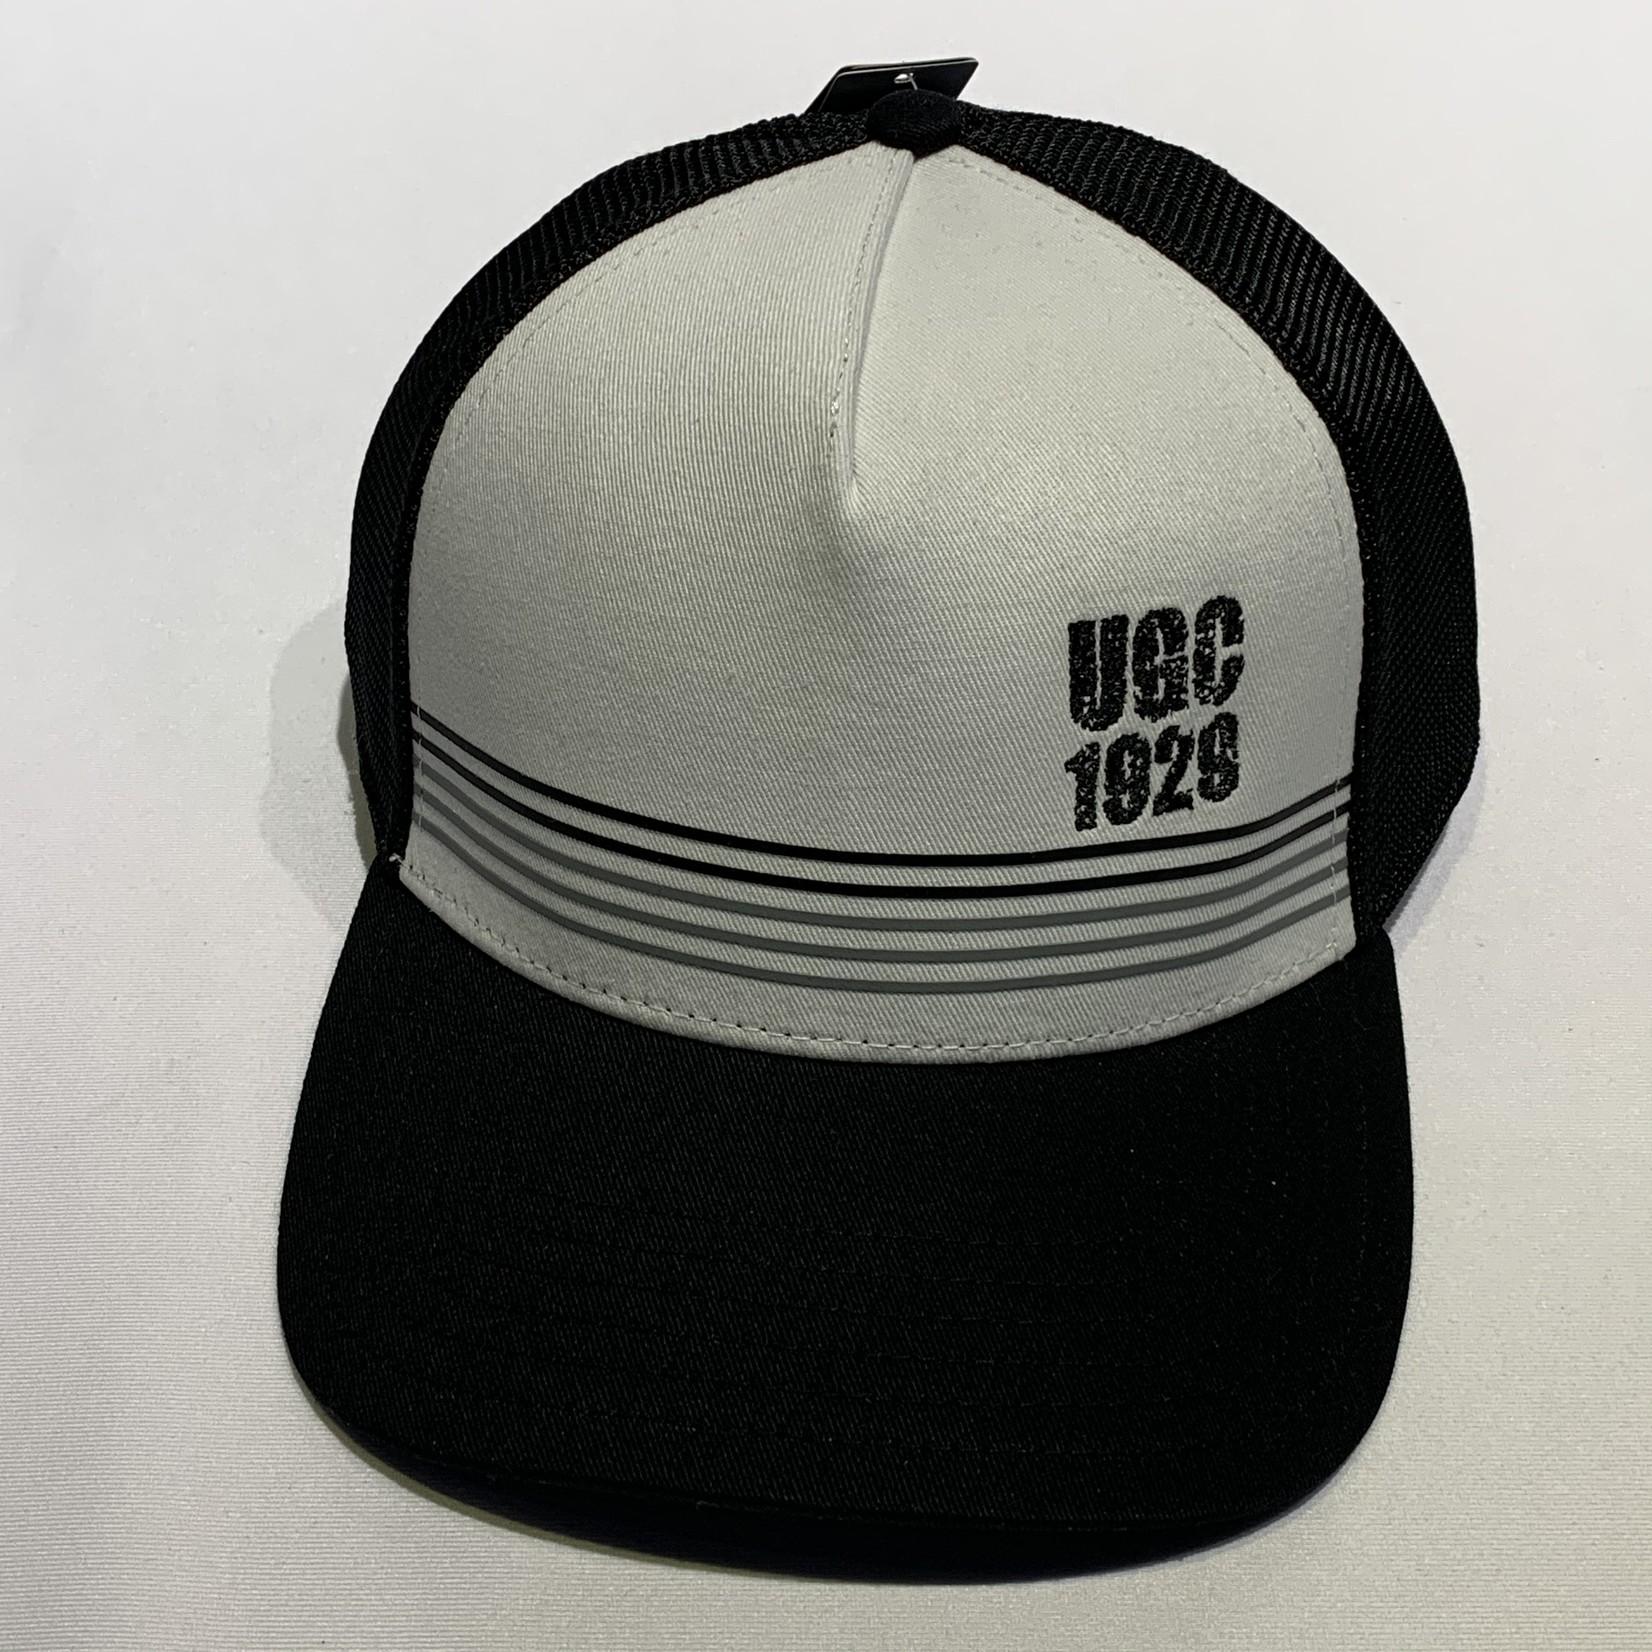 Prodigy Charlie Hat - UGC Logo